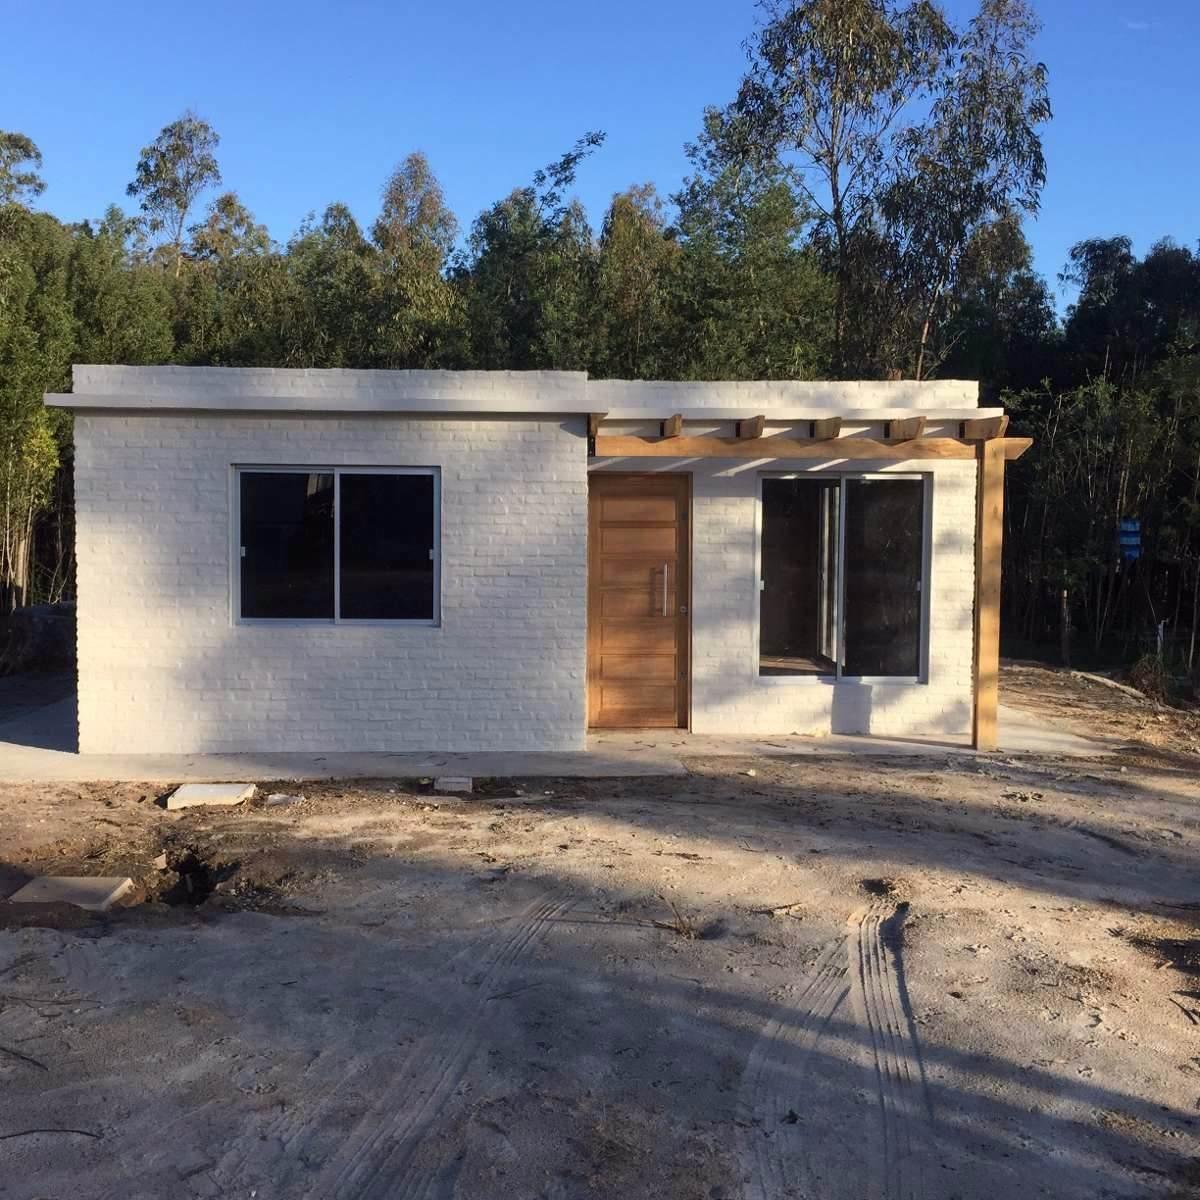 Construccion de casas en ladrillo bolseado y plancha 19 for Construccion de chimeneas para casas